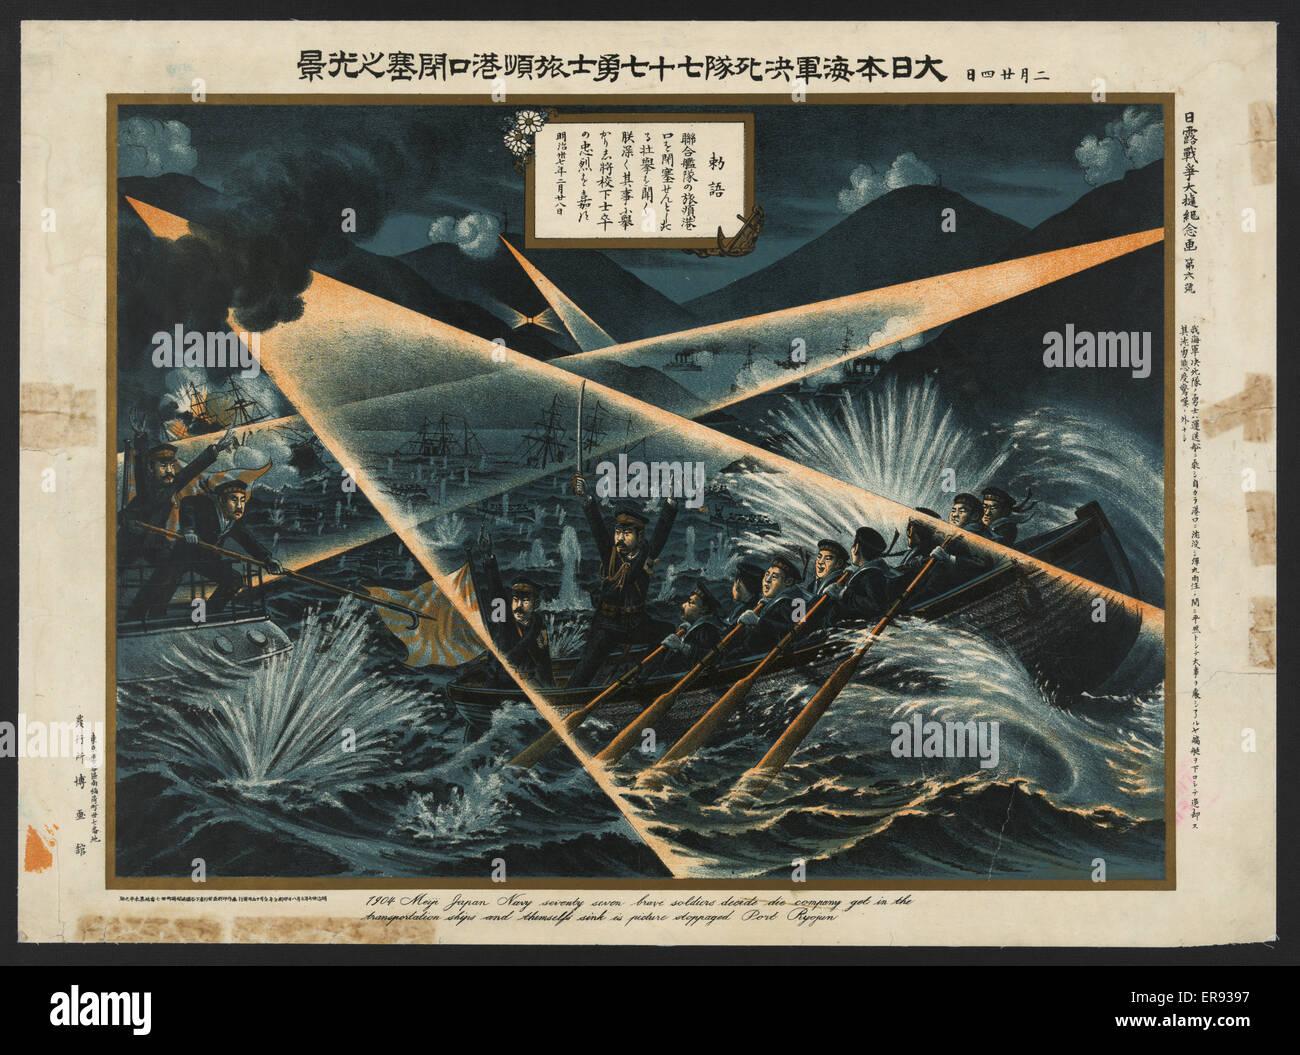 1904 Japon Meiji Navy Soixante Dix Sept Soldats Courageux Decider